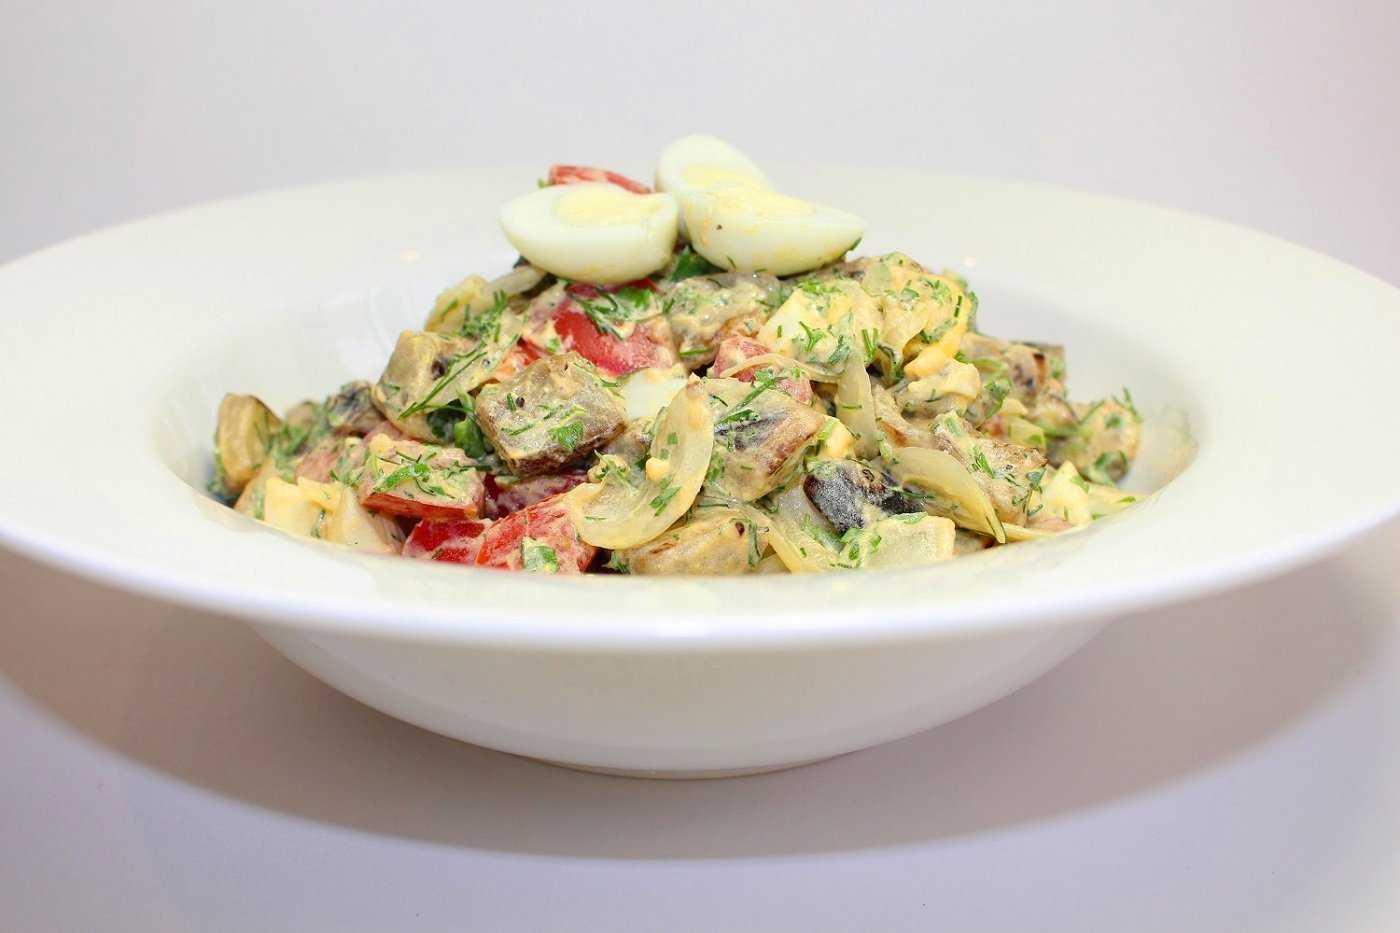 Теплый салат с курицей баклажанами и помидорами рецепт с фото пошагово и видео - 1000.menu